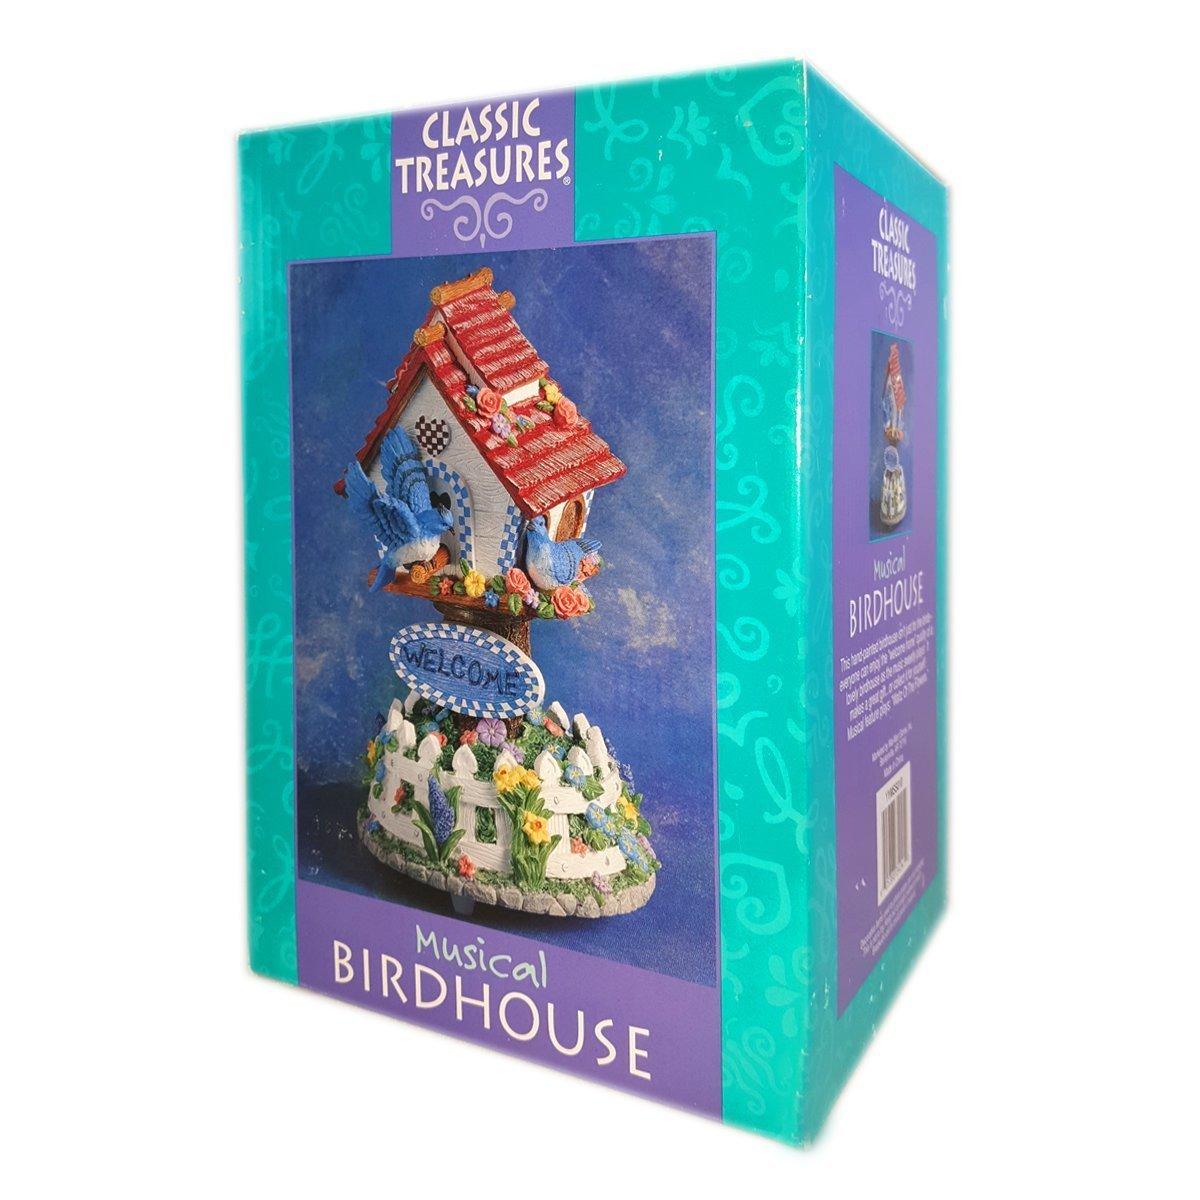 柔らかい クラシックTreasures Musical Musical Birdhouse Birdhouse Plays「花のワルツ」 B01M04SCIJ B01M04SCIJ, よろずや倉庫:48a0a280 --- arcego.dominiotemporario.com